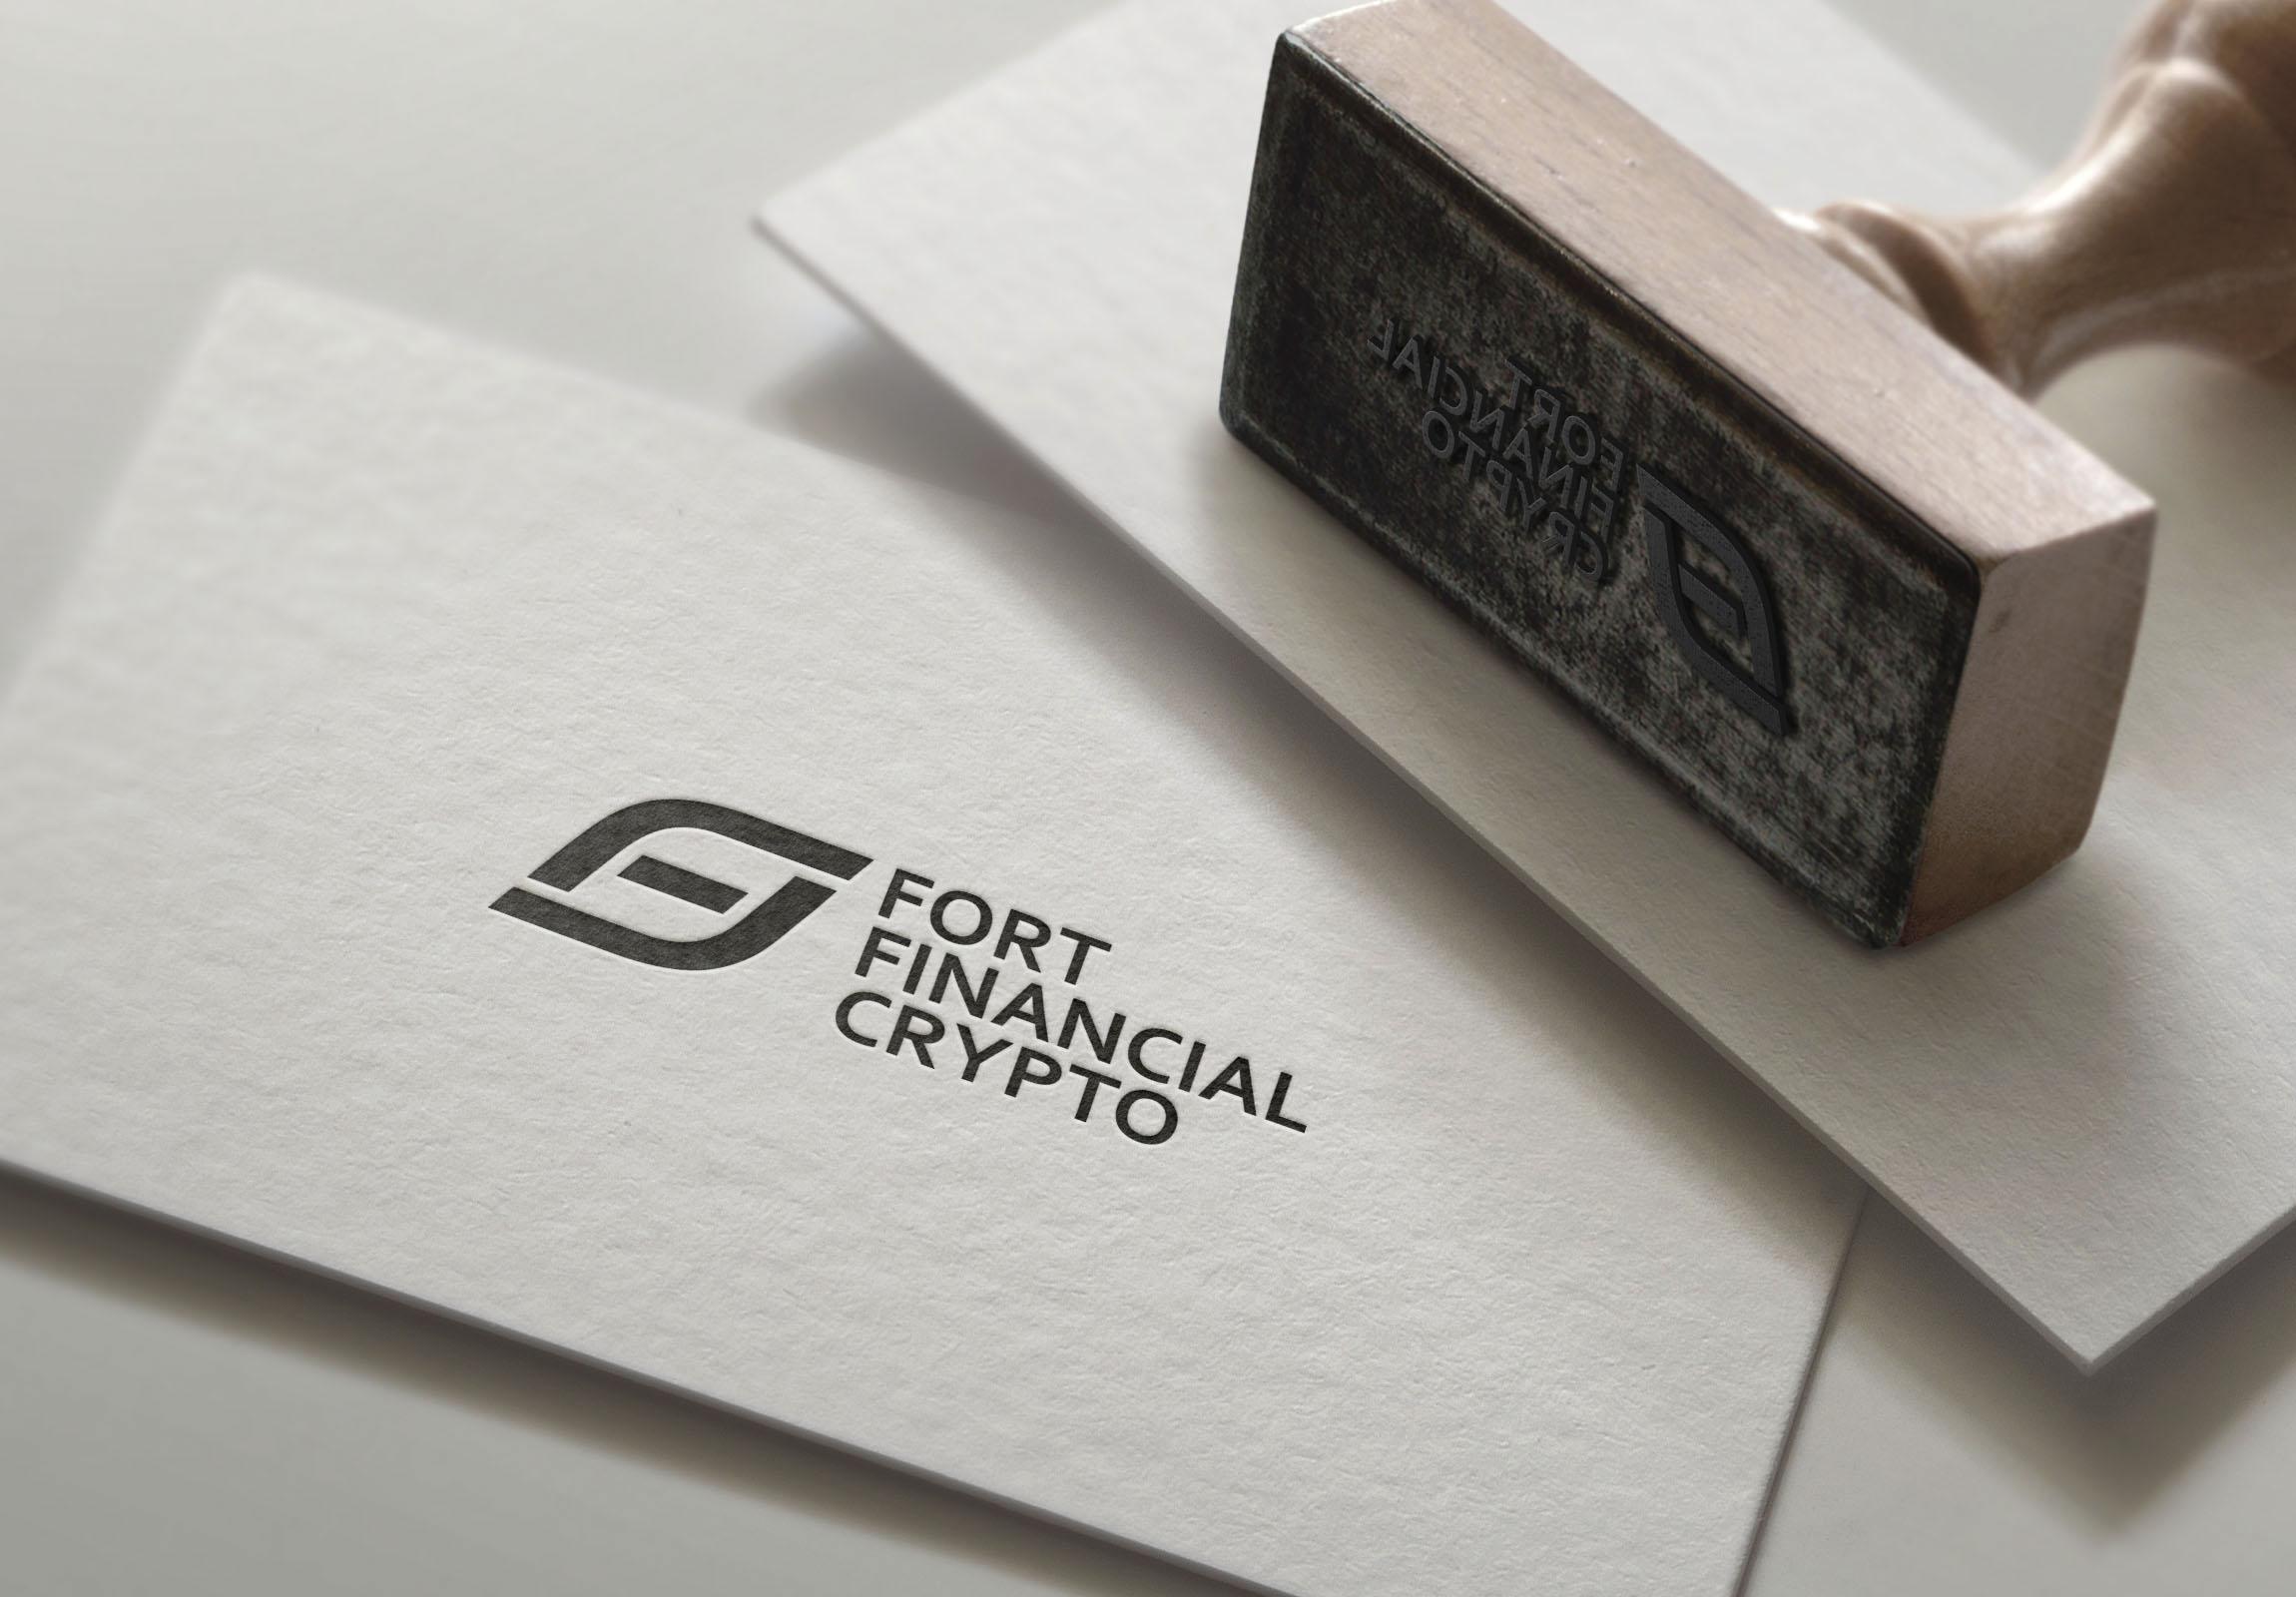 Разработка логотипа финансовой компании фото f_9095a91c4ab431fd.jpg